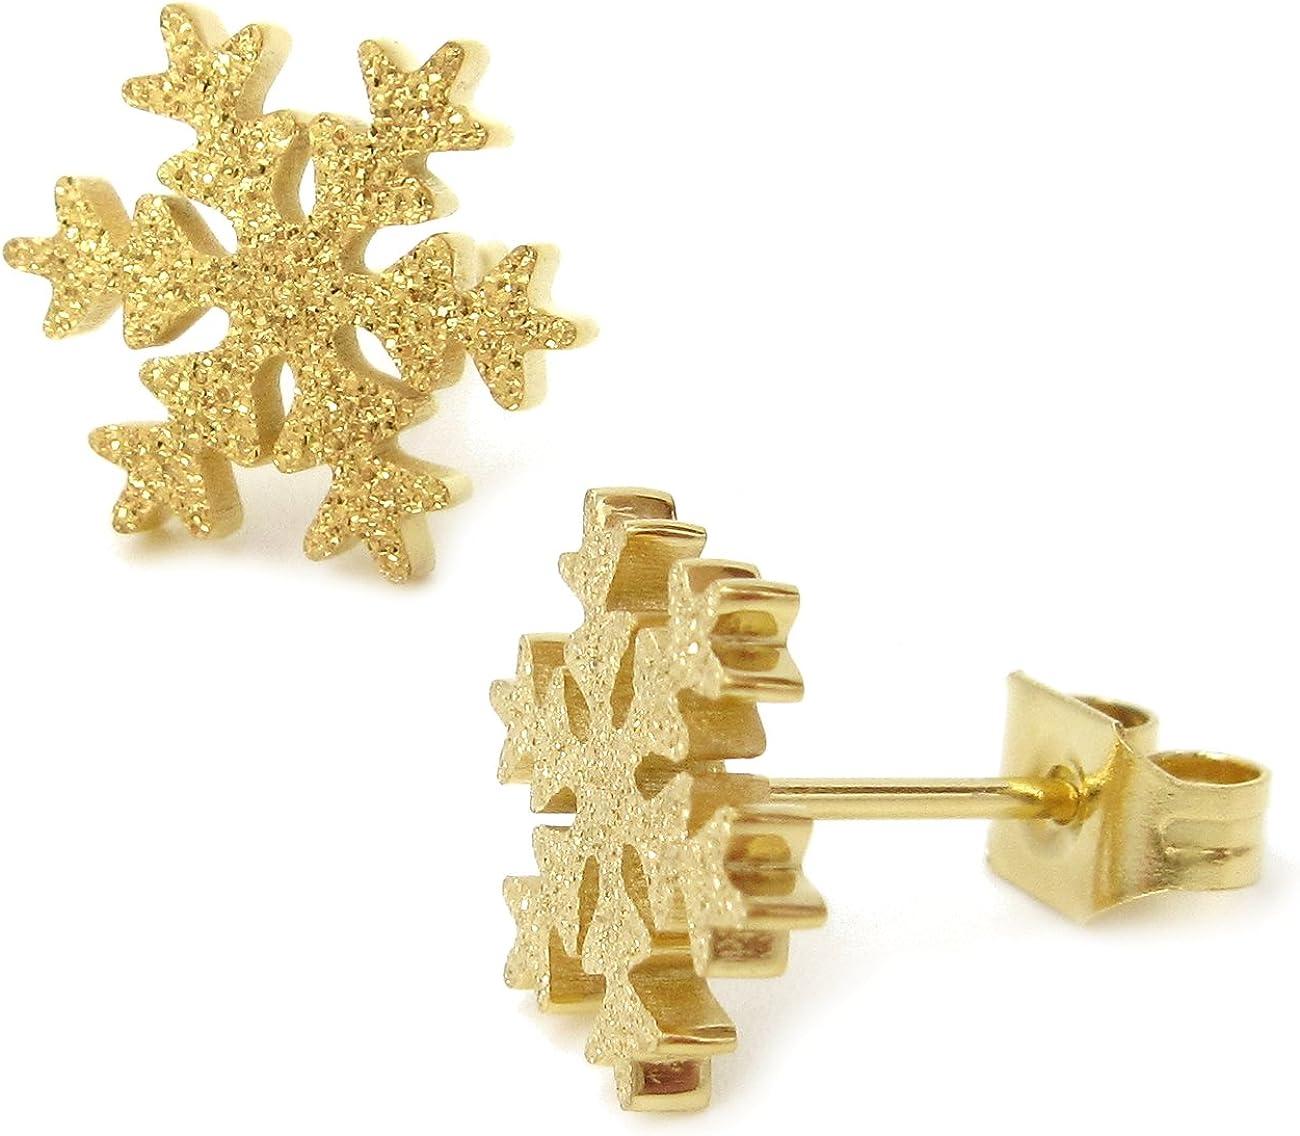 Stainless Steel Sandblast Gold Color Snow Flake Post Stud Earrings For Women Girls 10m